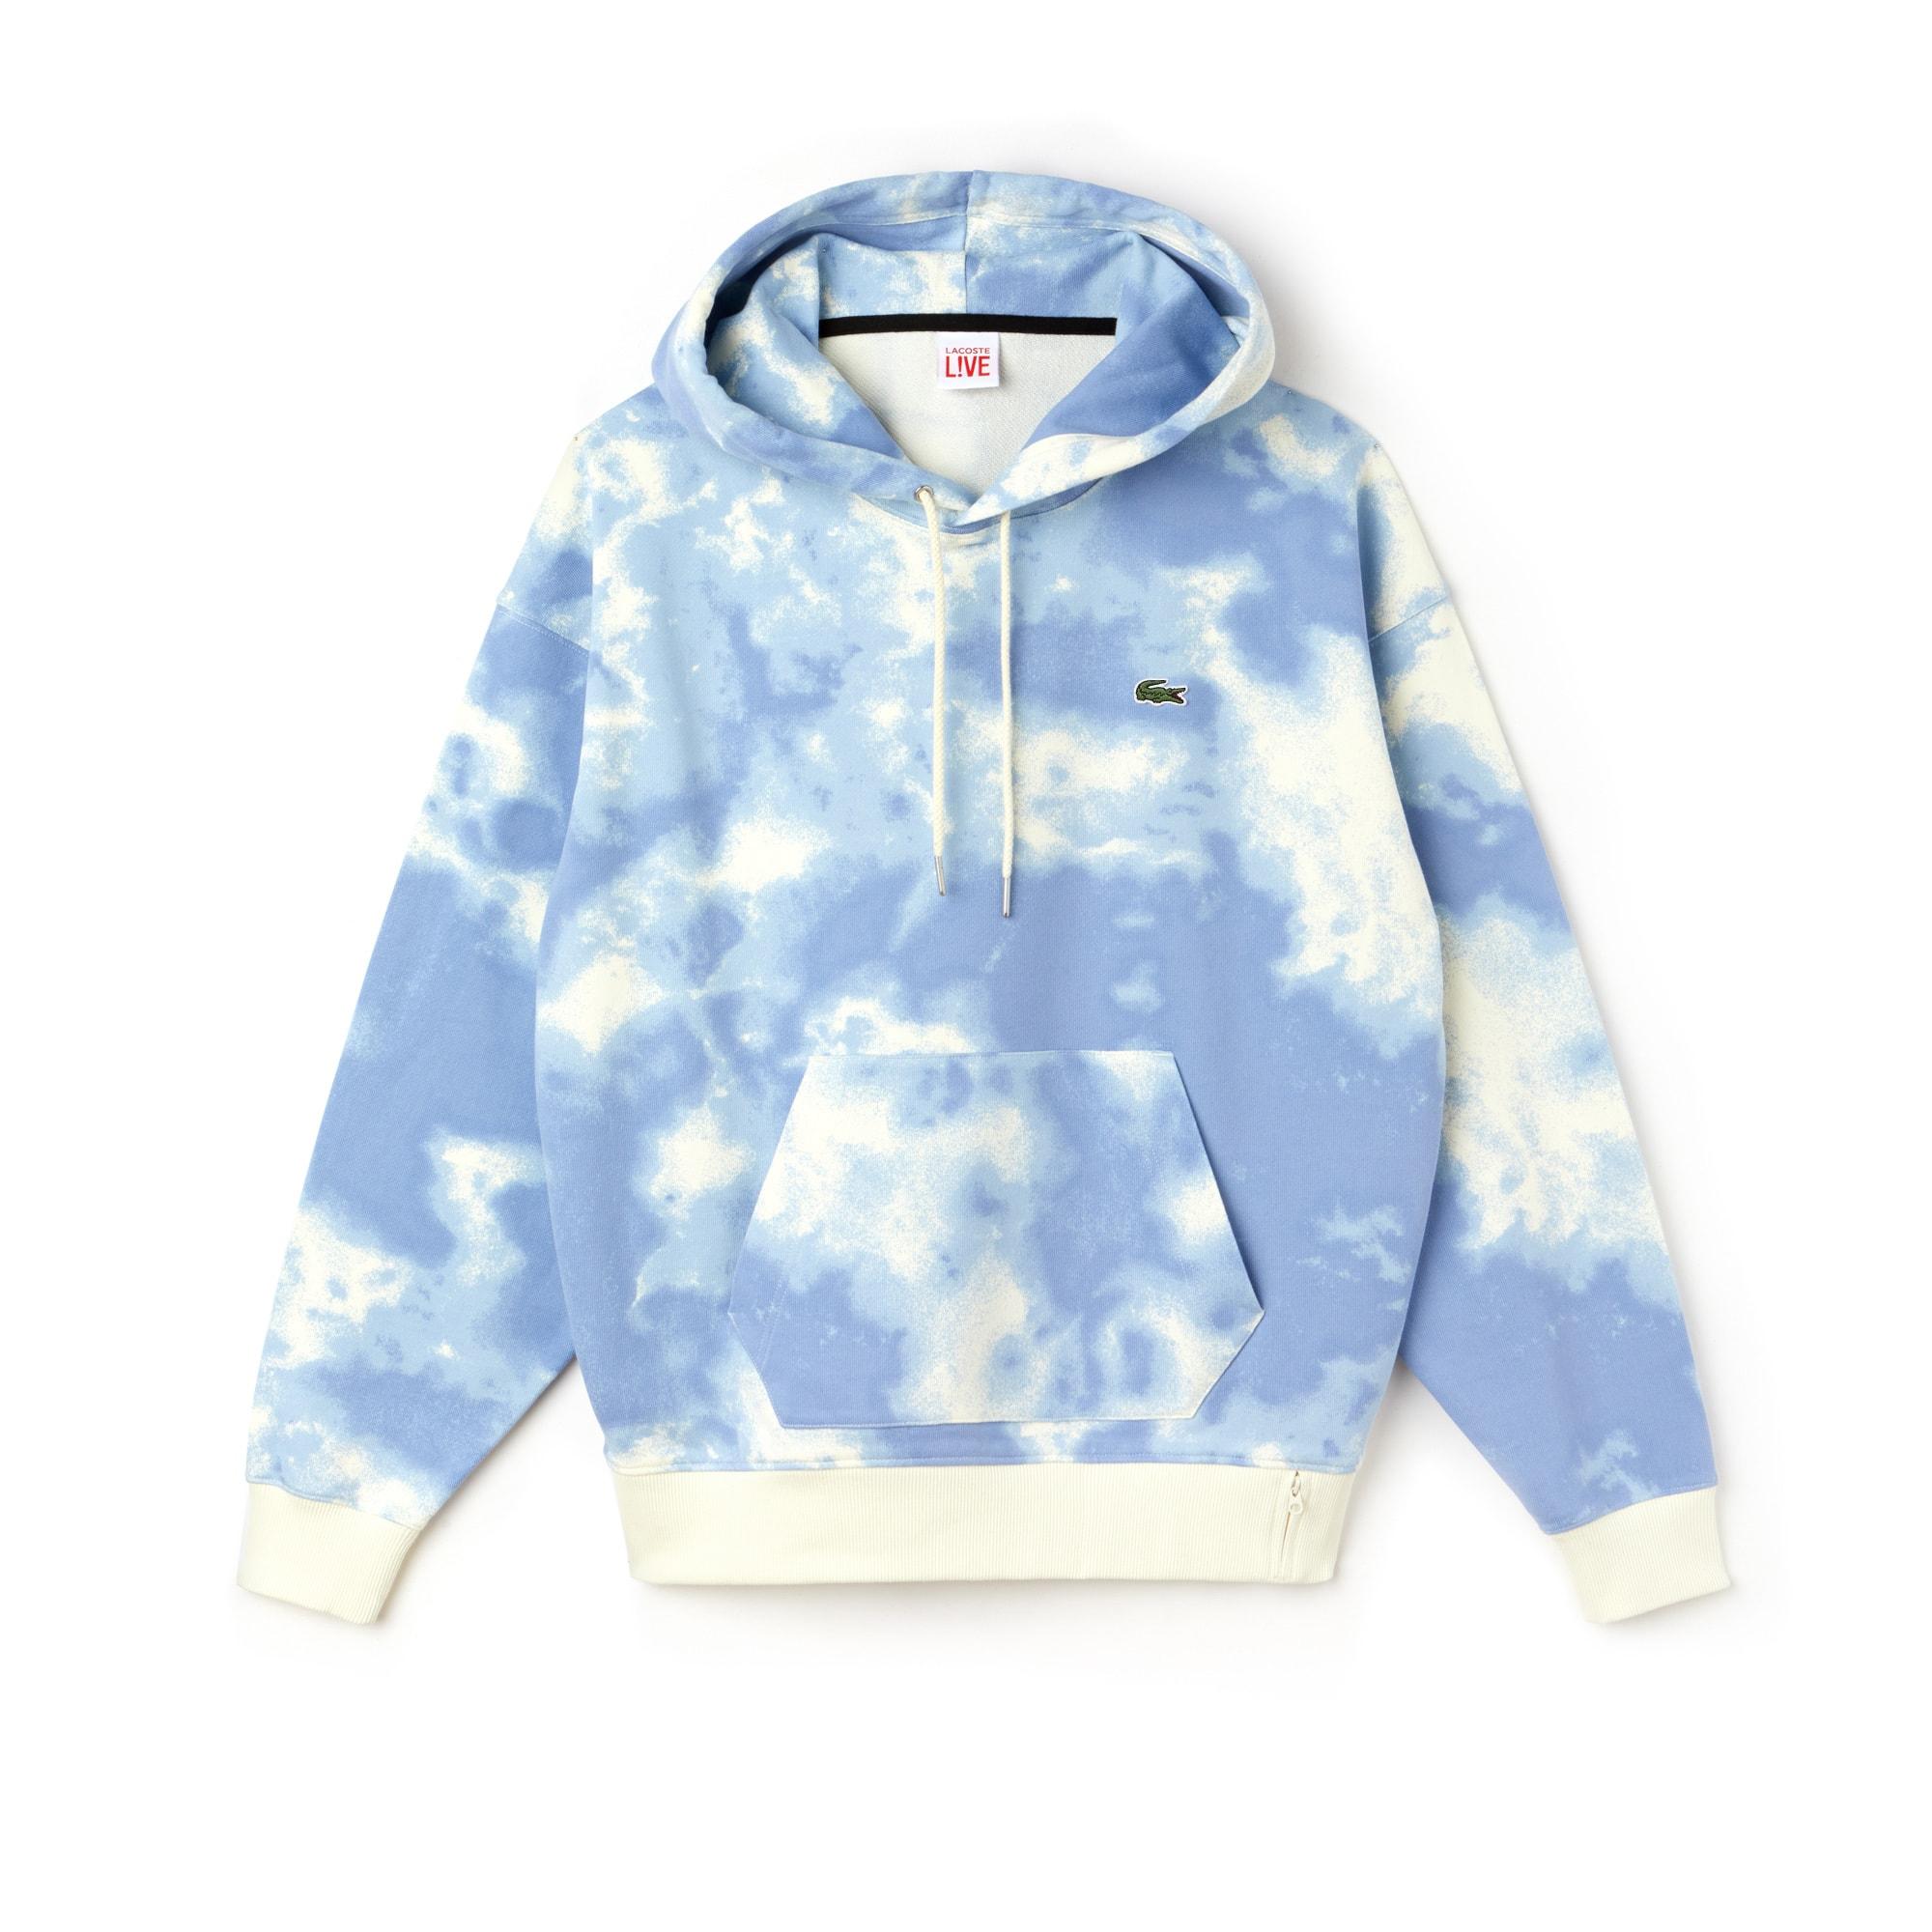 Herren-Sweatshirt aus Fleece mit Wolkenprint LACOSTE L!VE